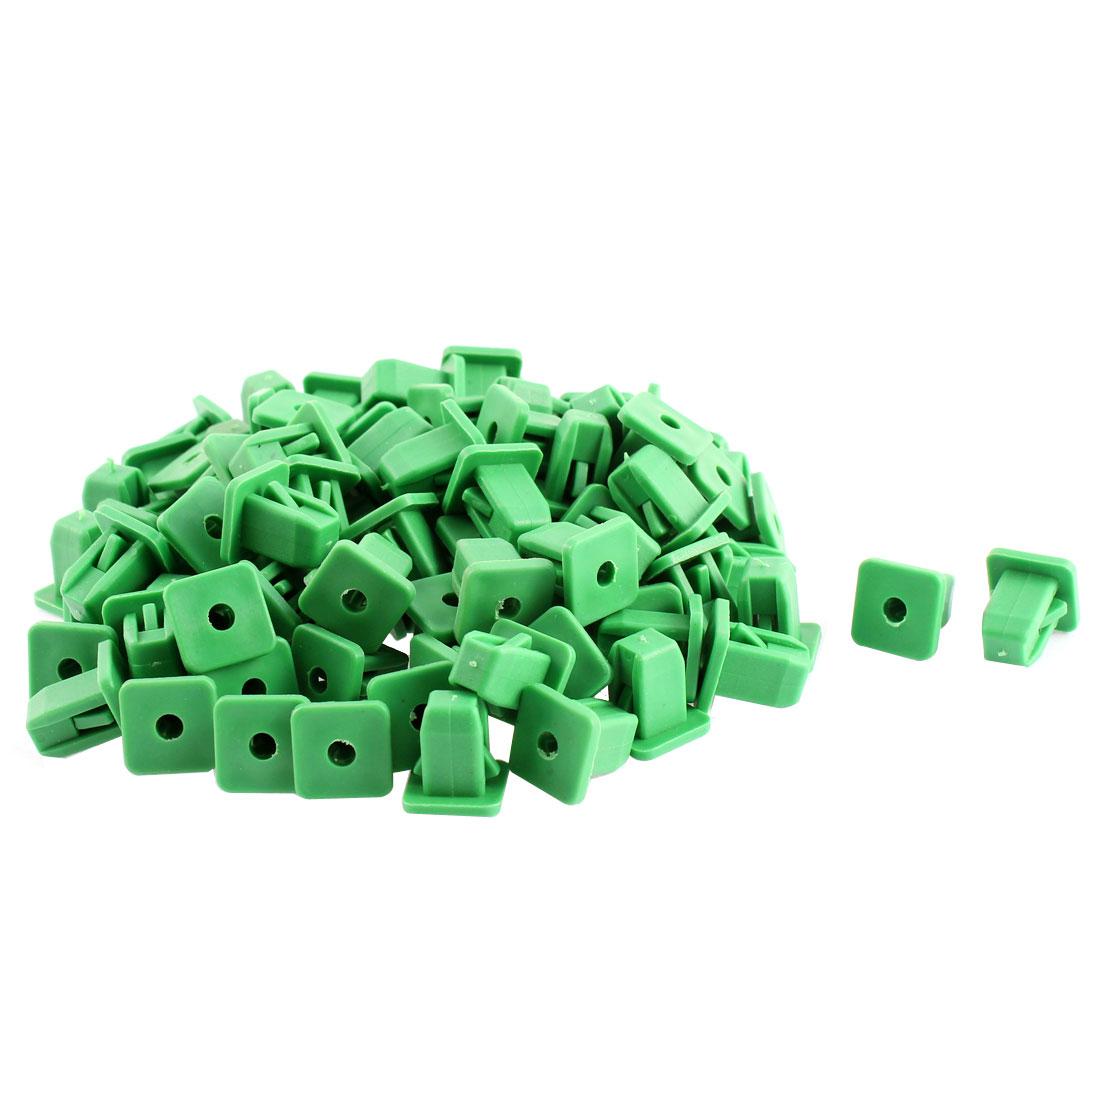 Unique Bargains 100Pcs Green Plastic Fastener Rivet Clips 14mm x 14mm Head